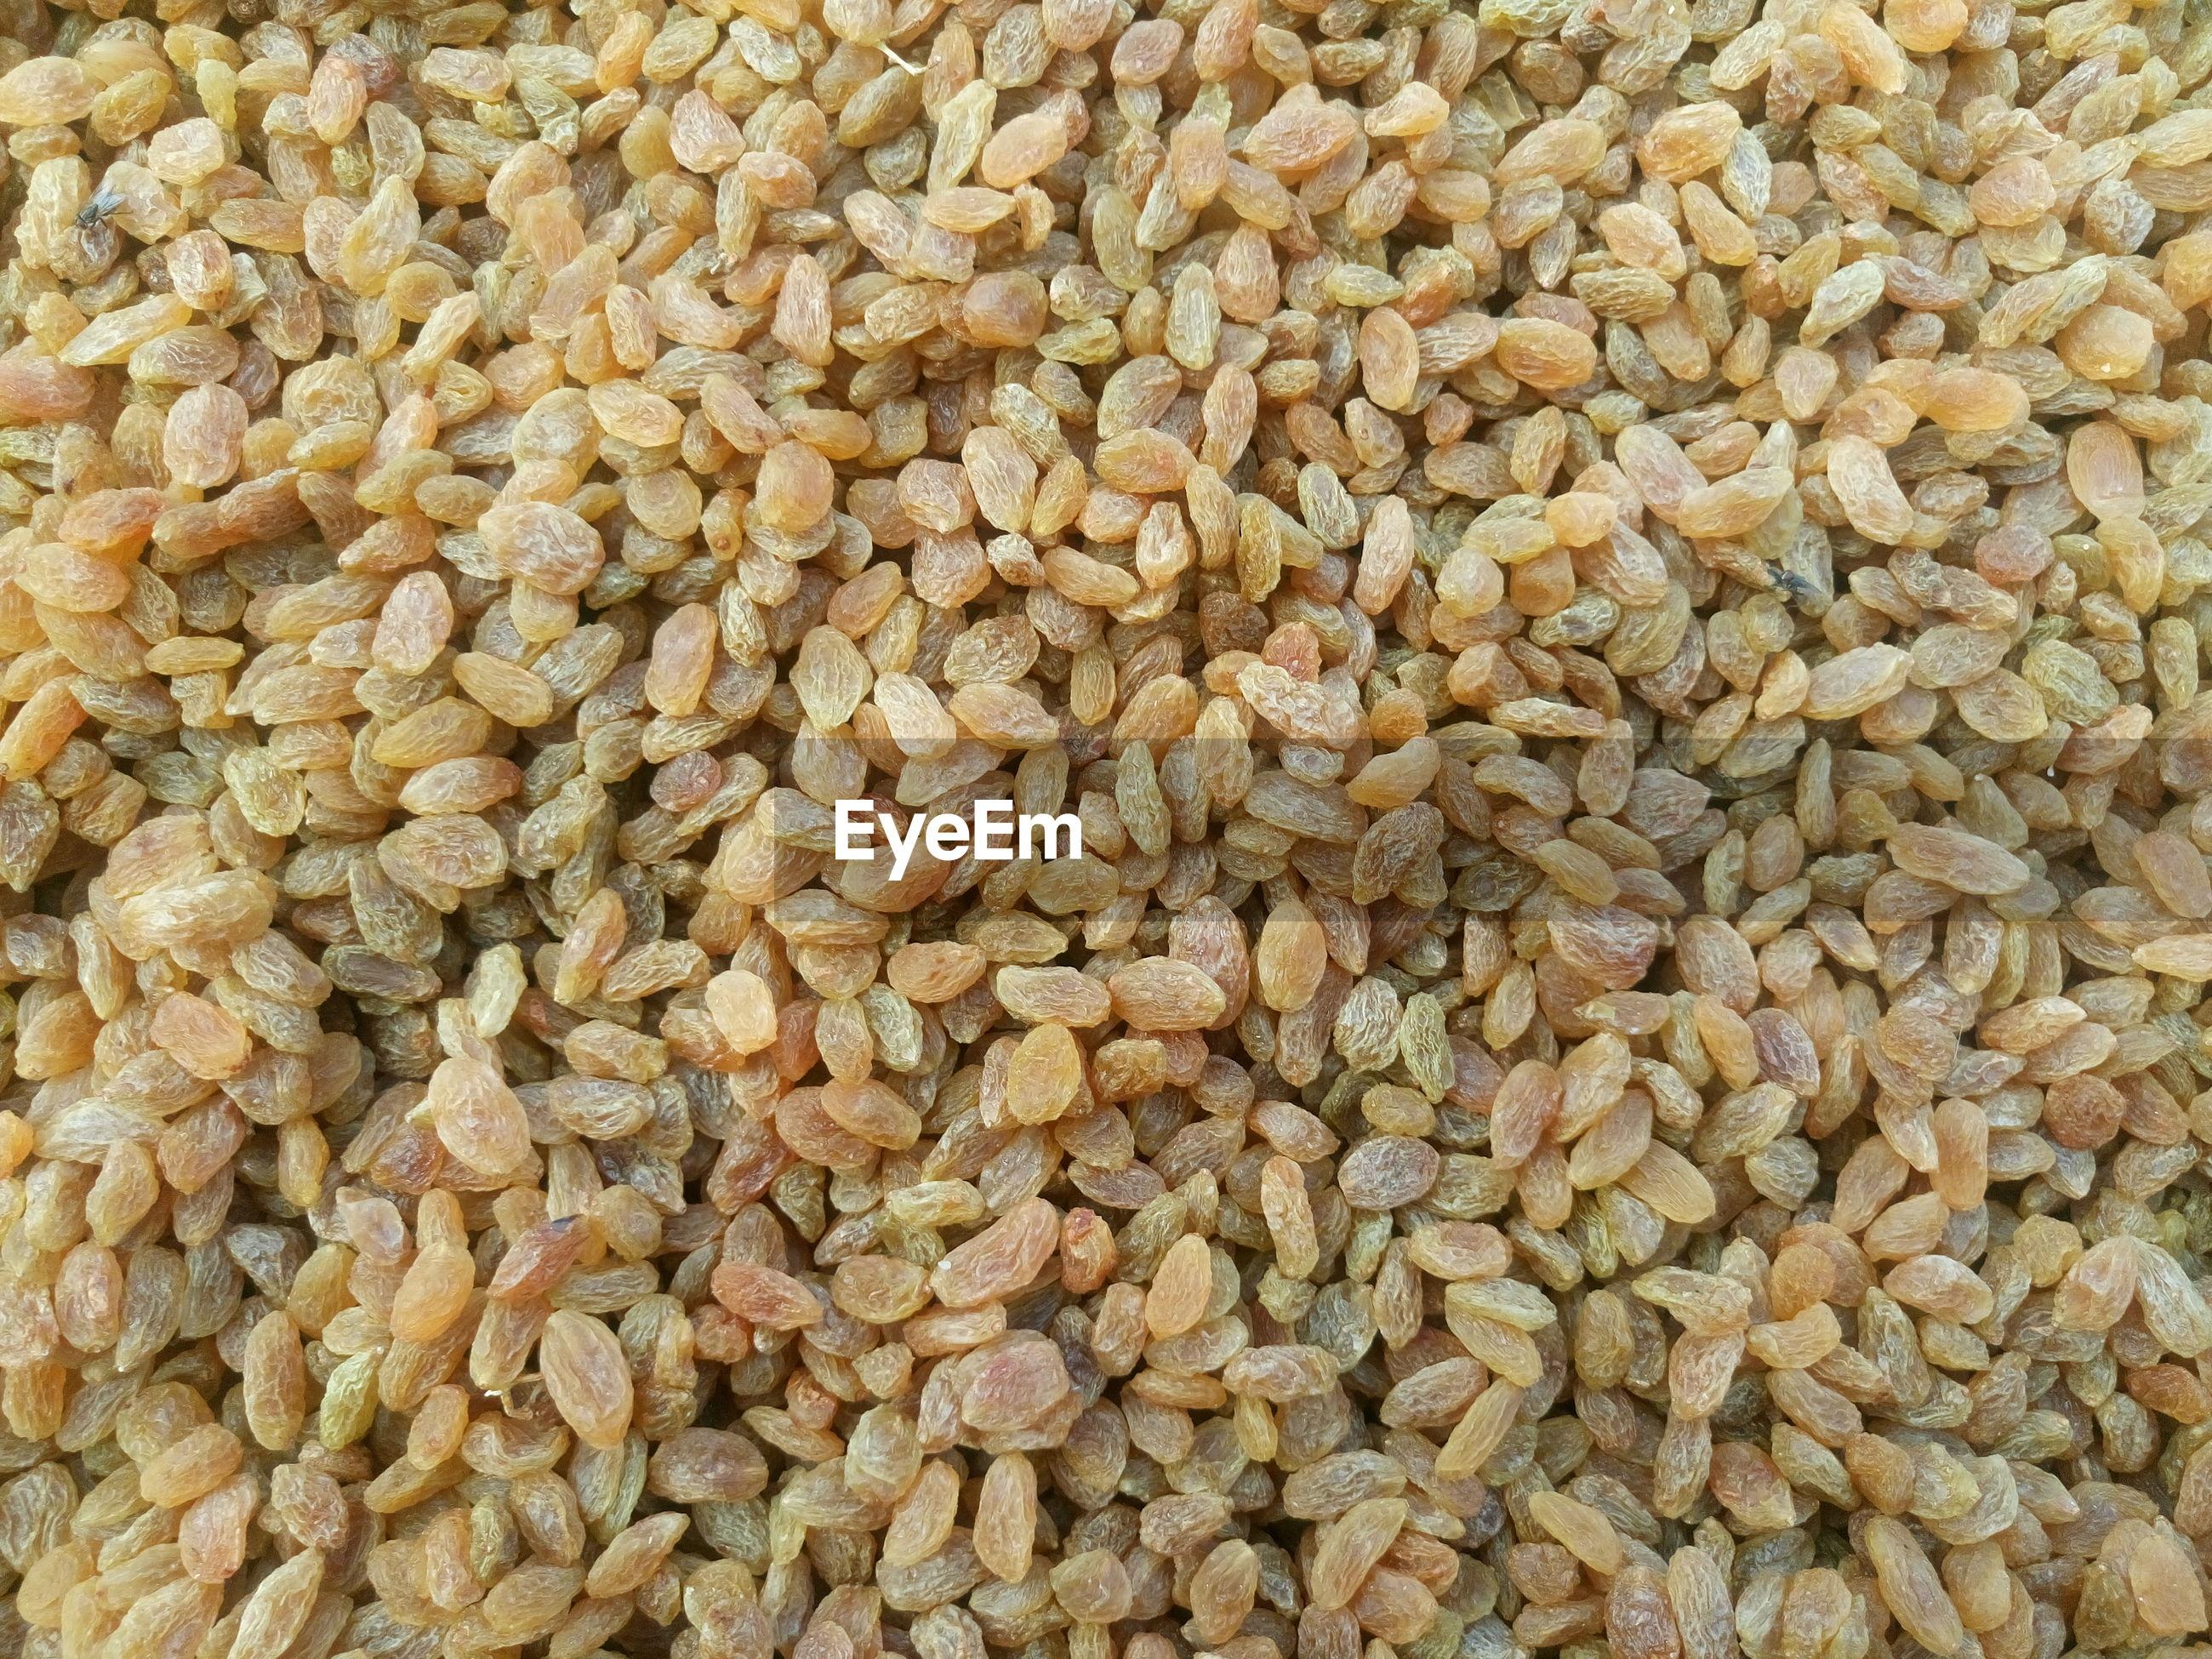 Full frame image of raisin at market